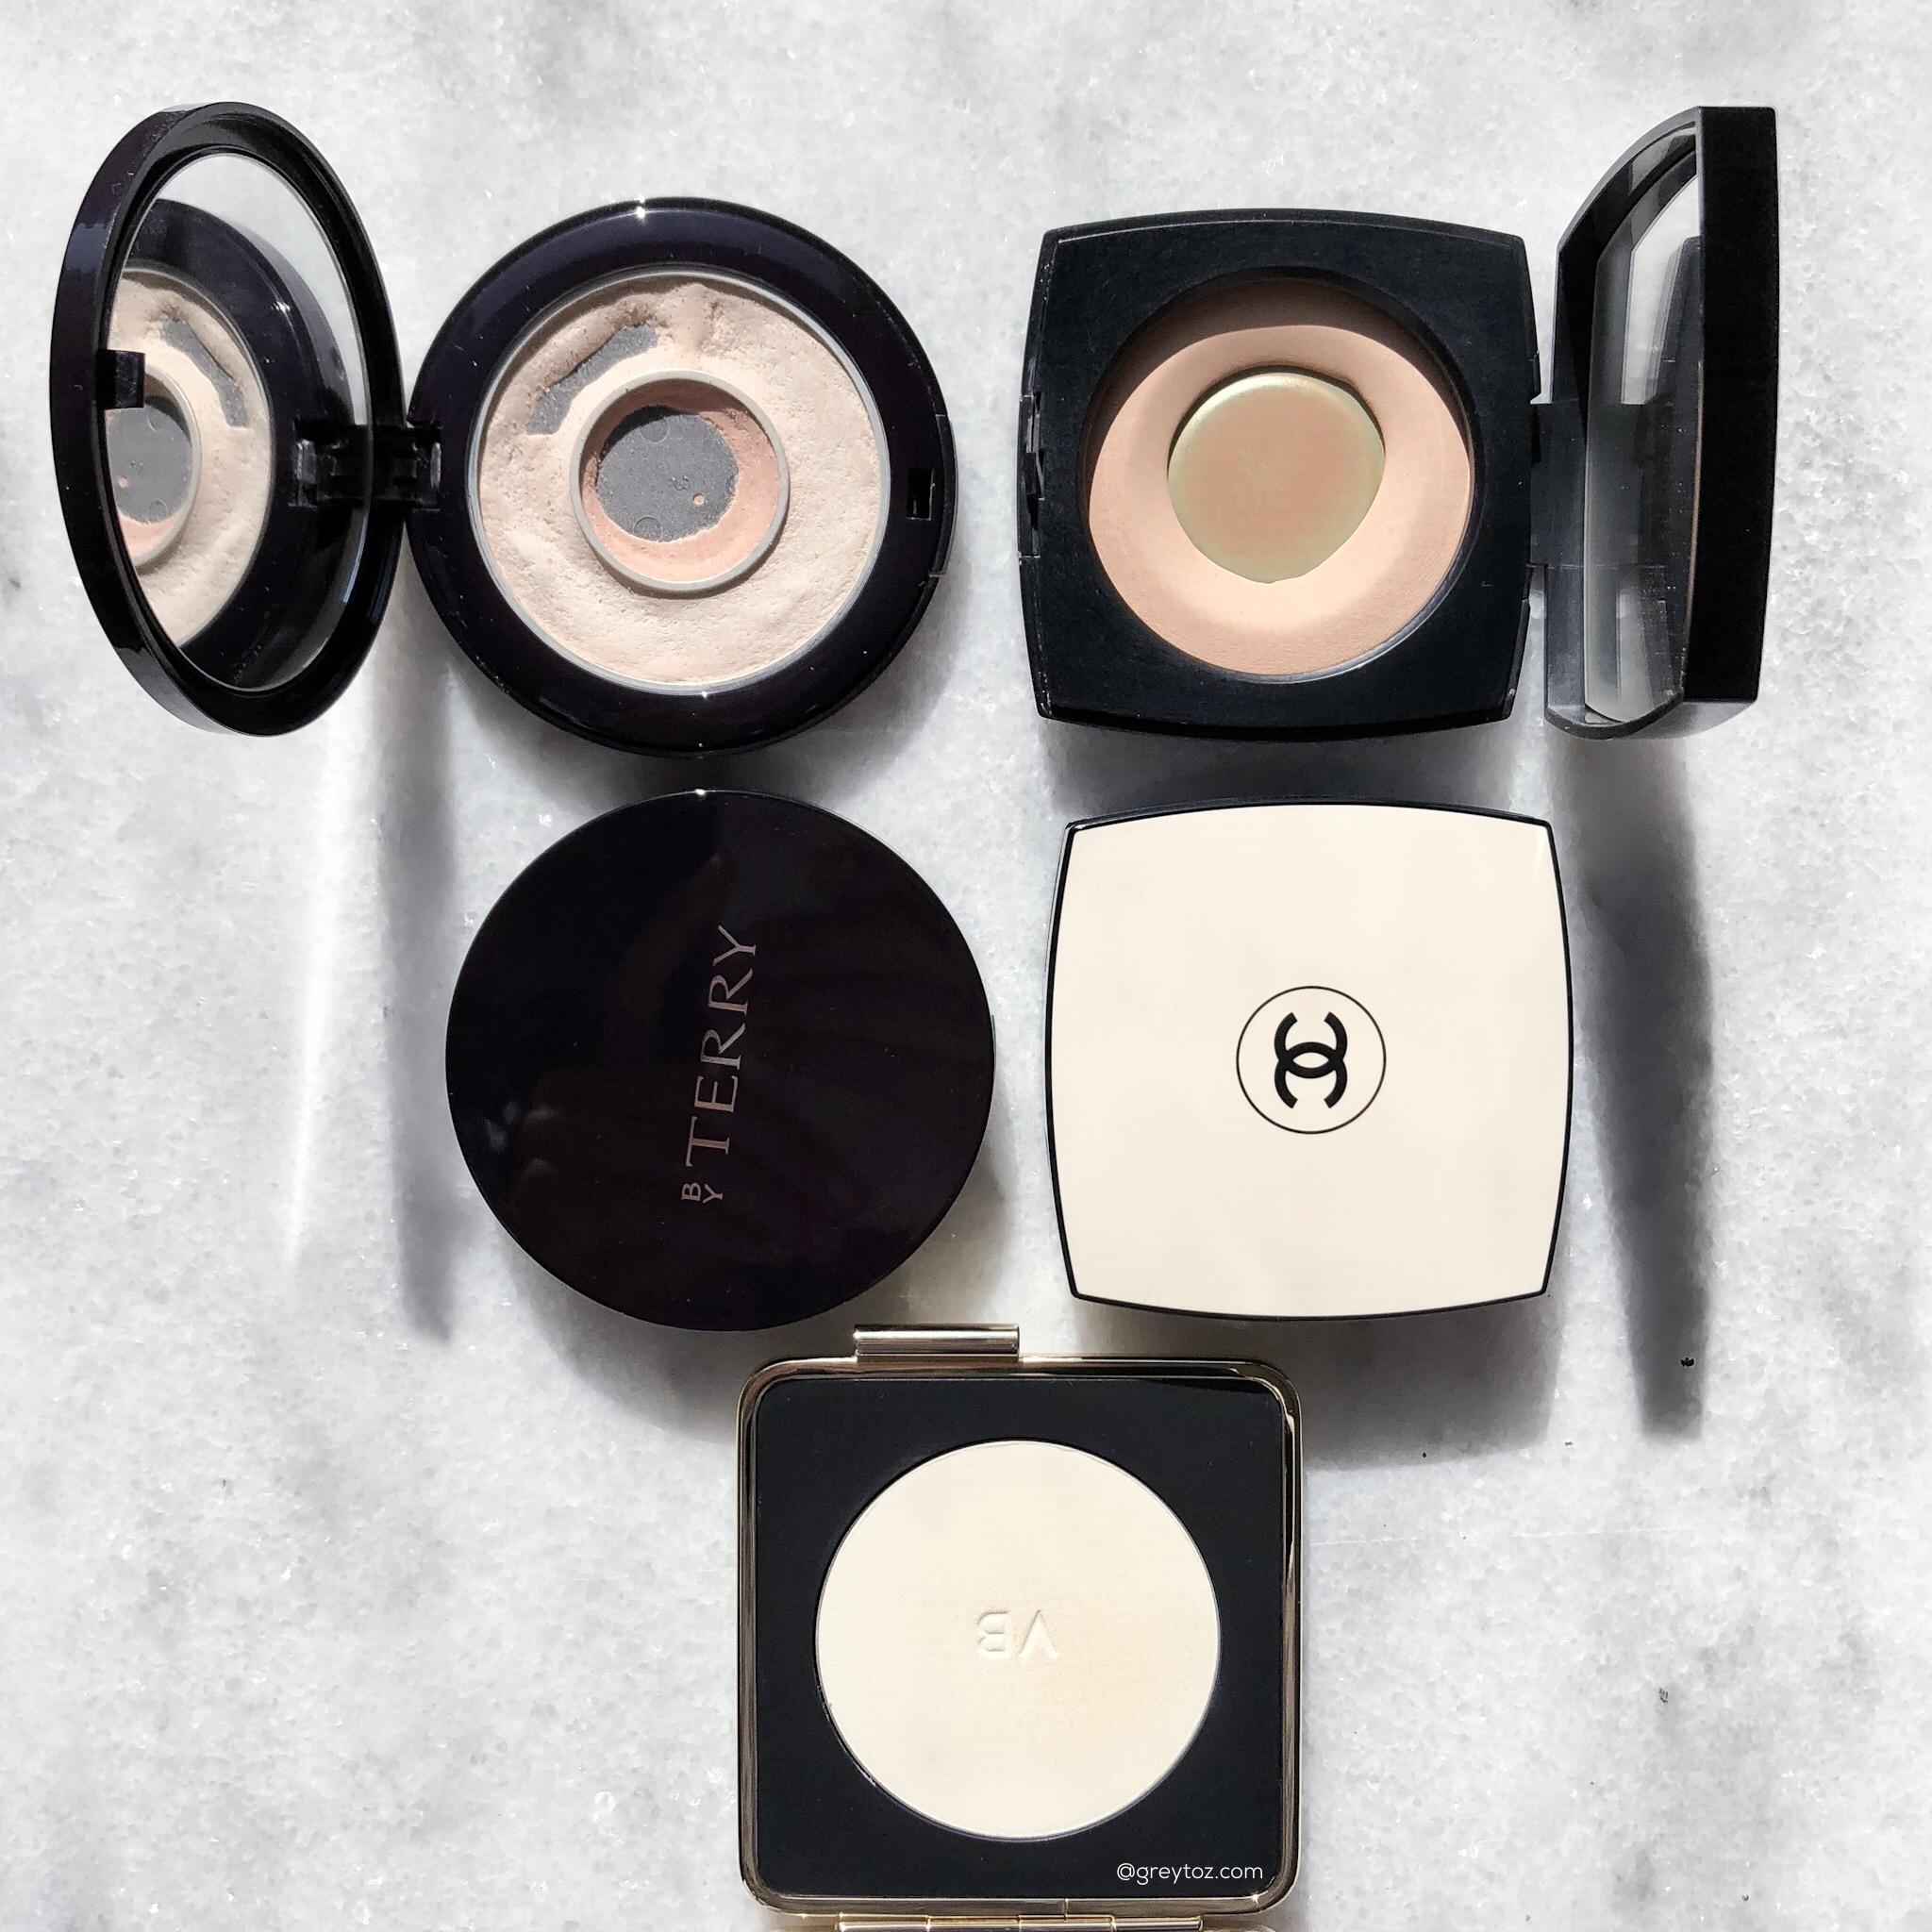 Makeup Collection: April 2018 - greytoz.com